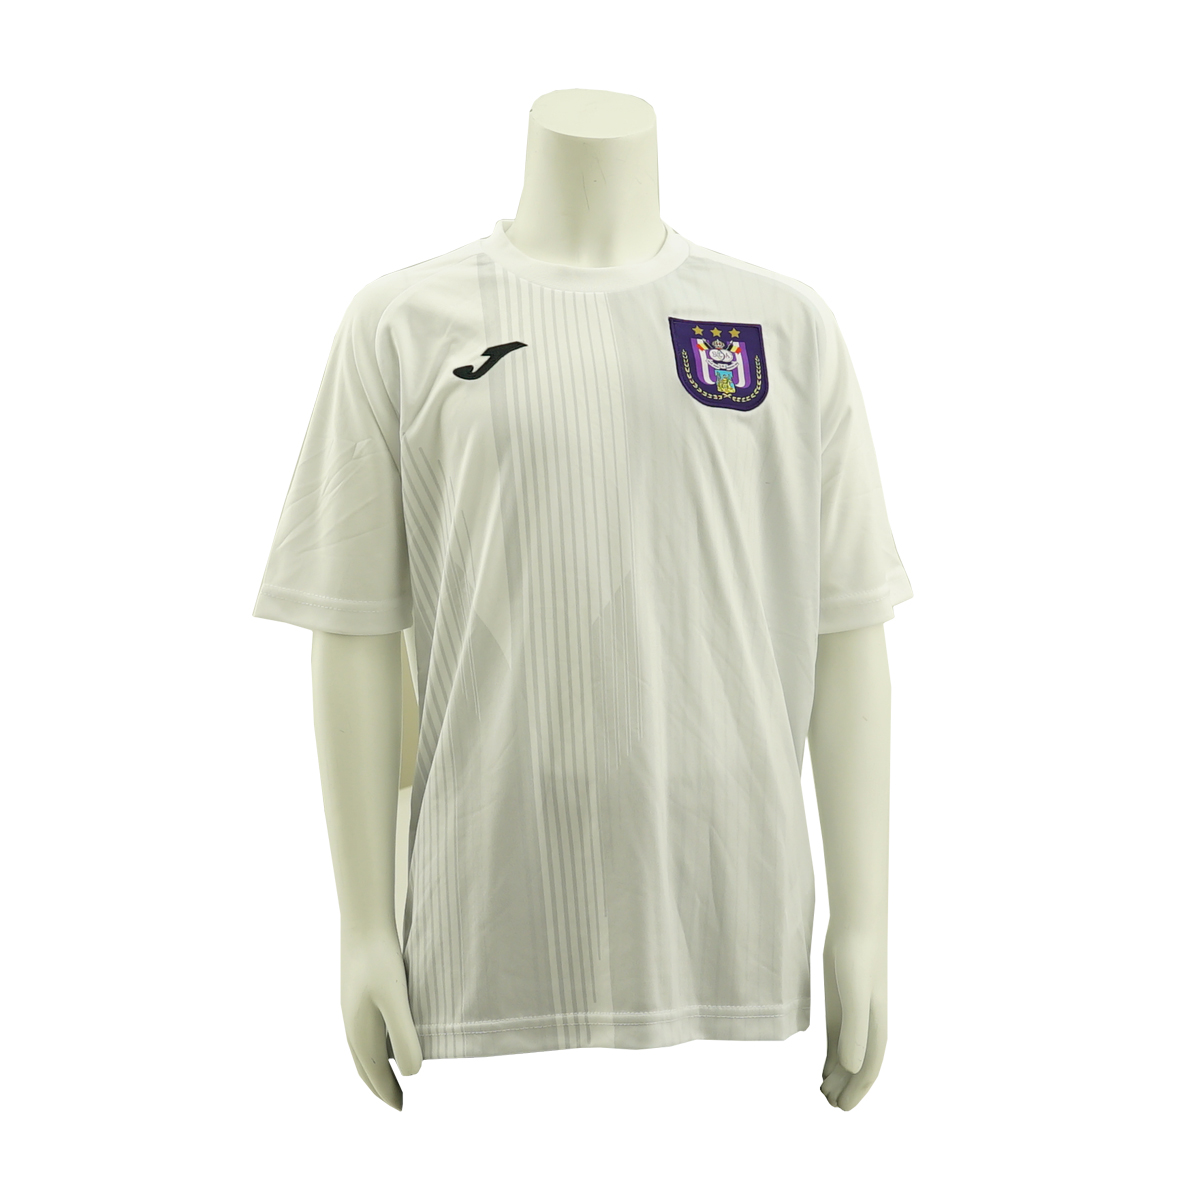 RSCA Pre-Match Shirt 2020/2021